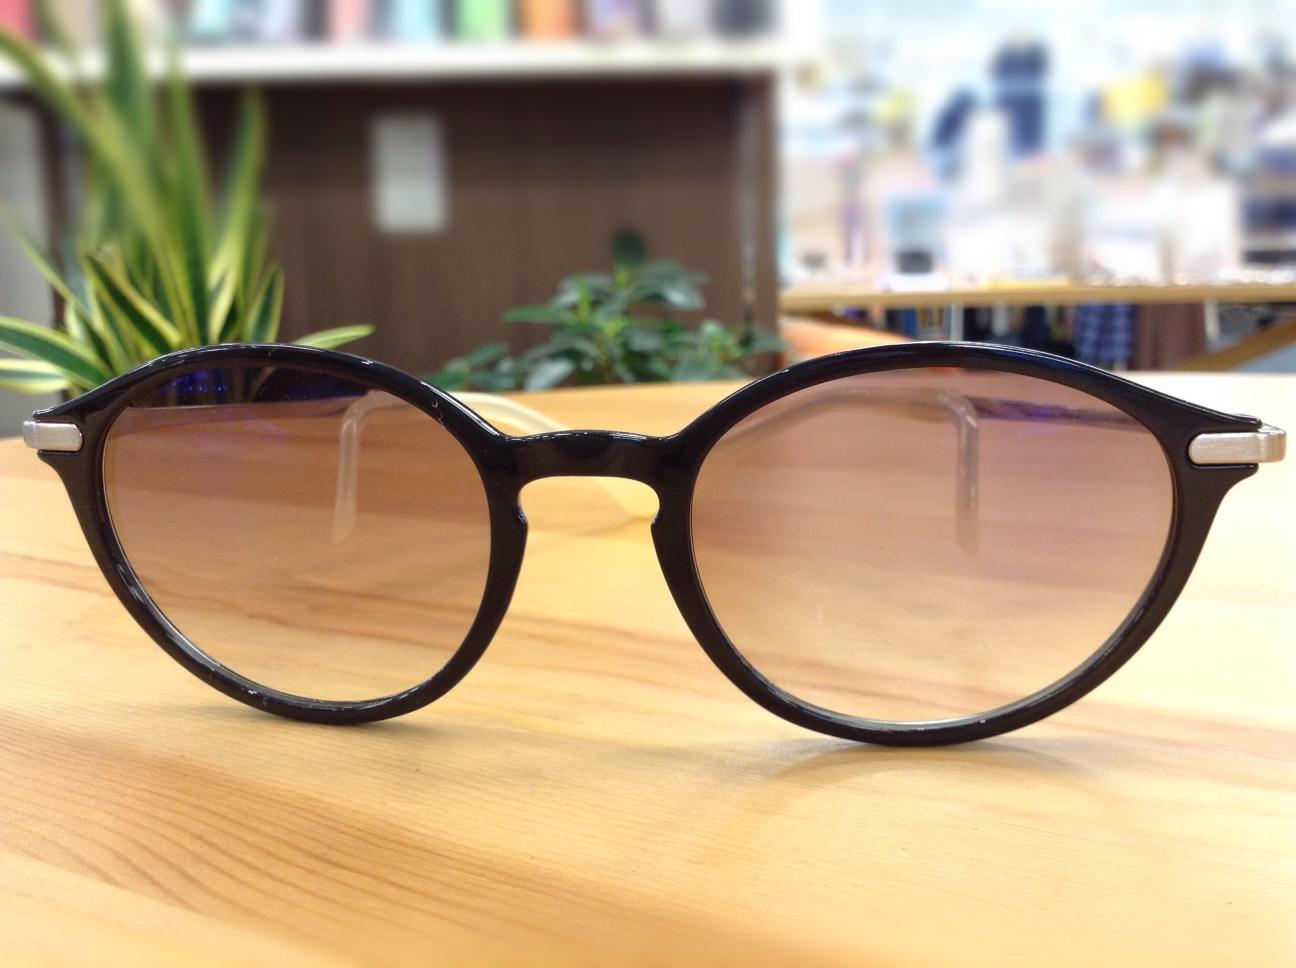 ちょこサン 品番:FG24507 カラー:BK レンズサイズ:49ミリ